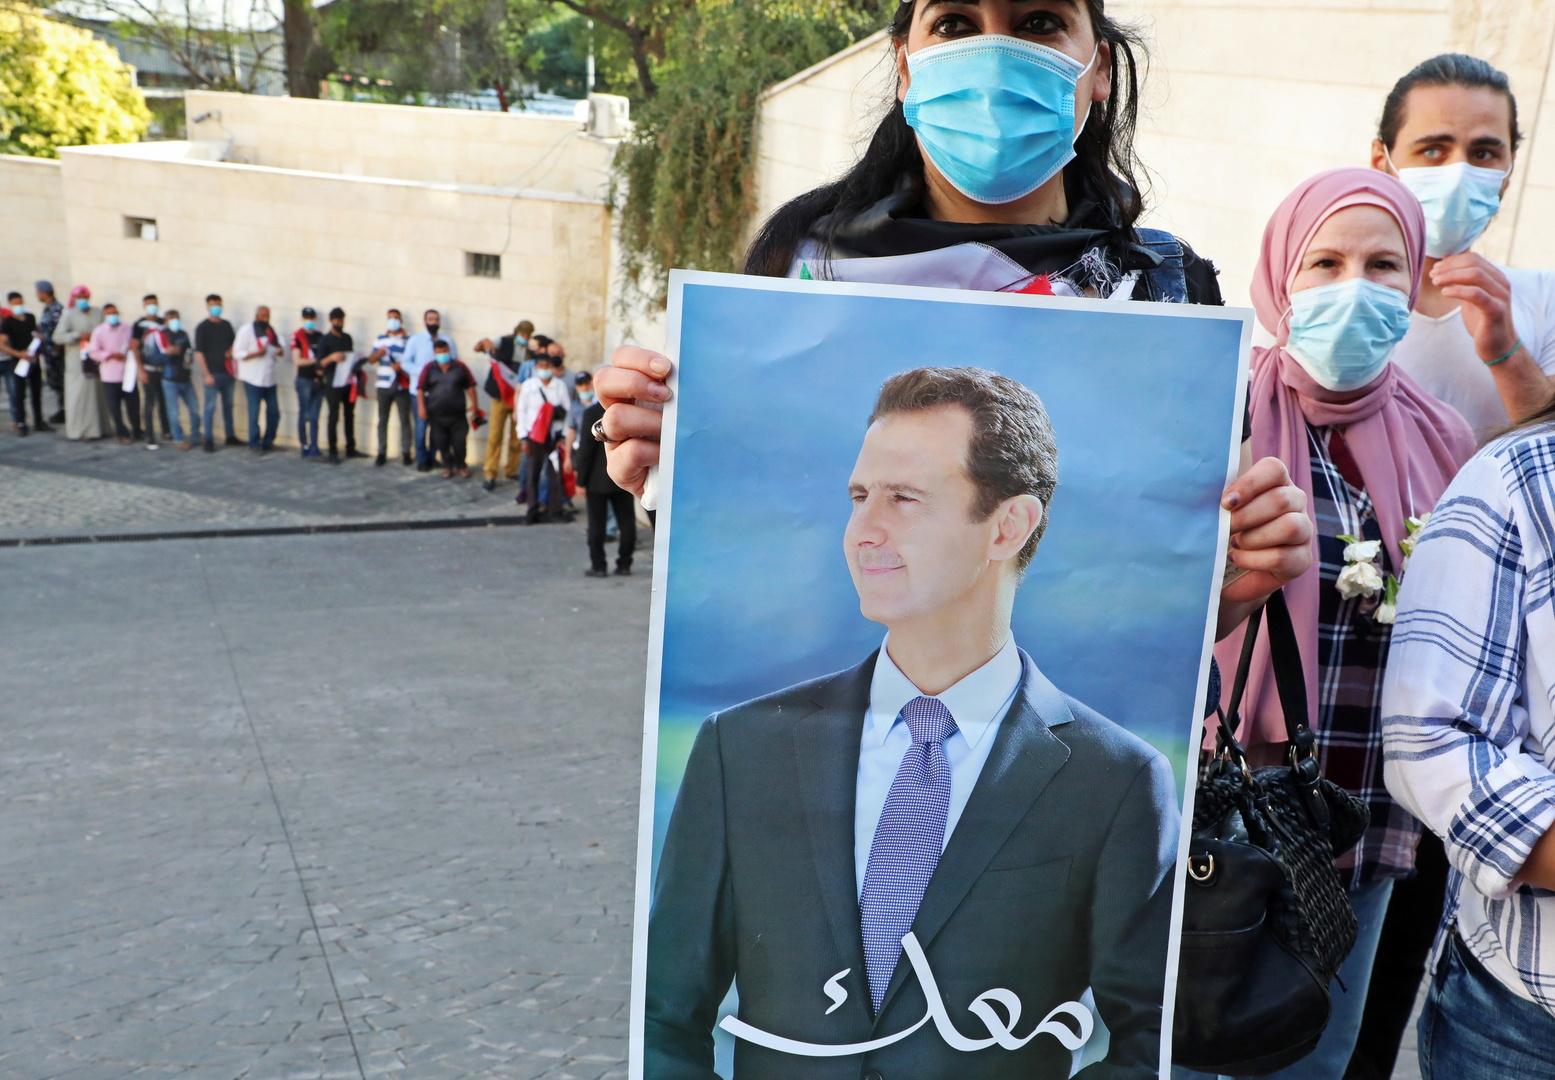 شبان لبنانيون يعتدون على مسيرة مؤيدة للأسد شمال بيروت